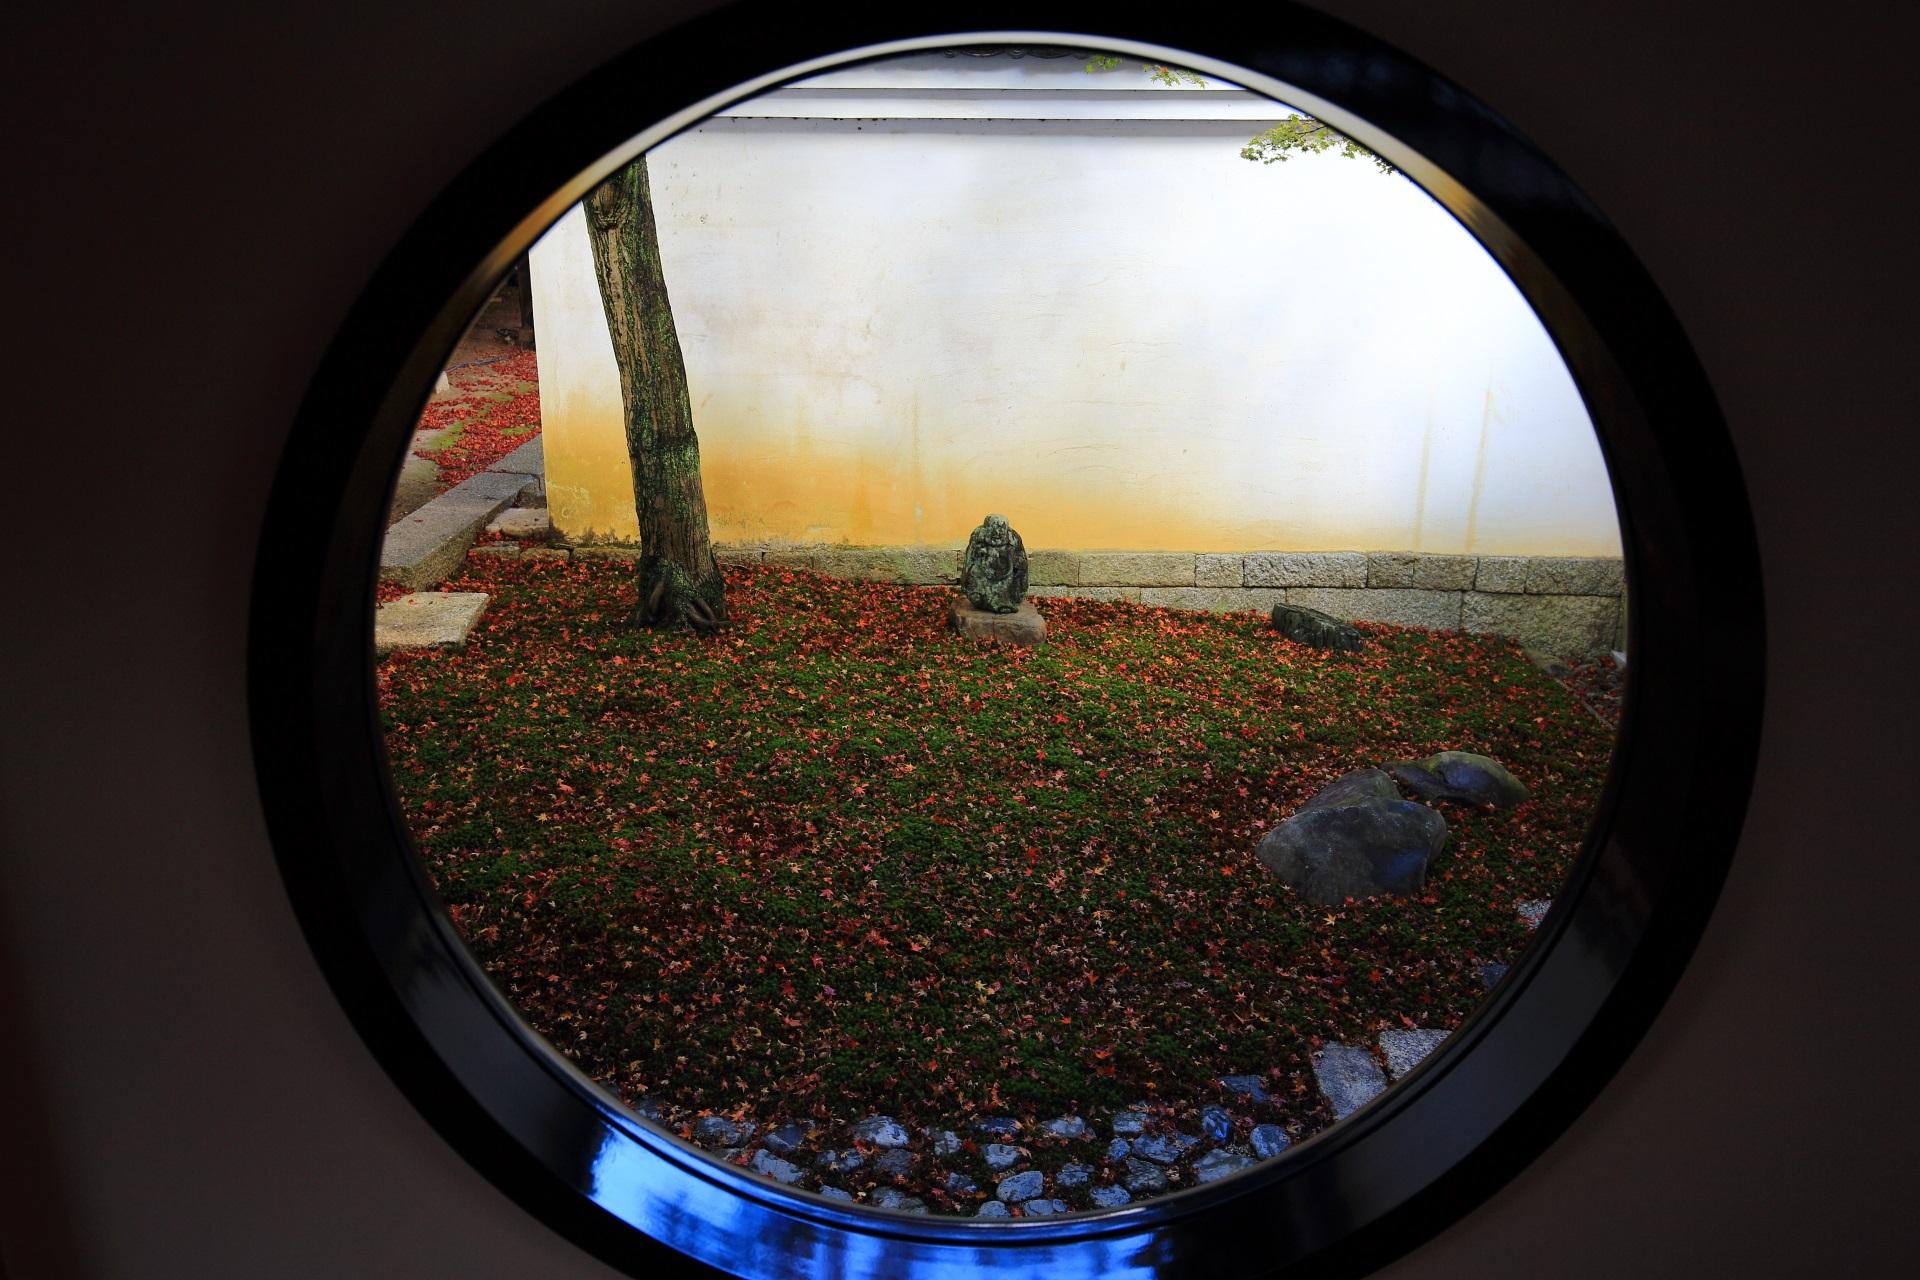 妙覚寺の玄関付近の丸窓から見える風情ある箱庭